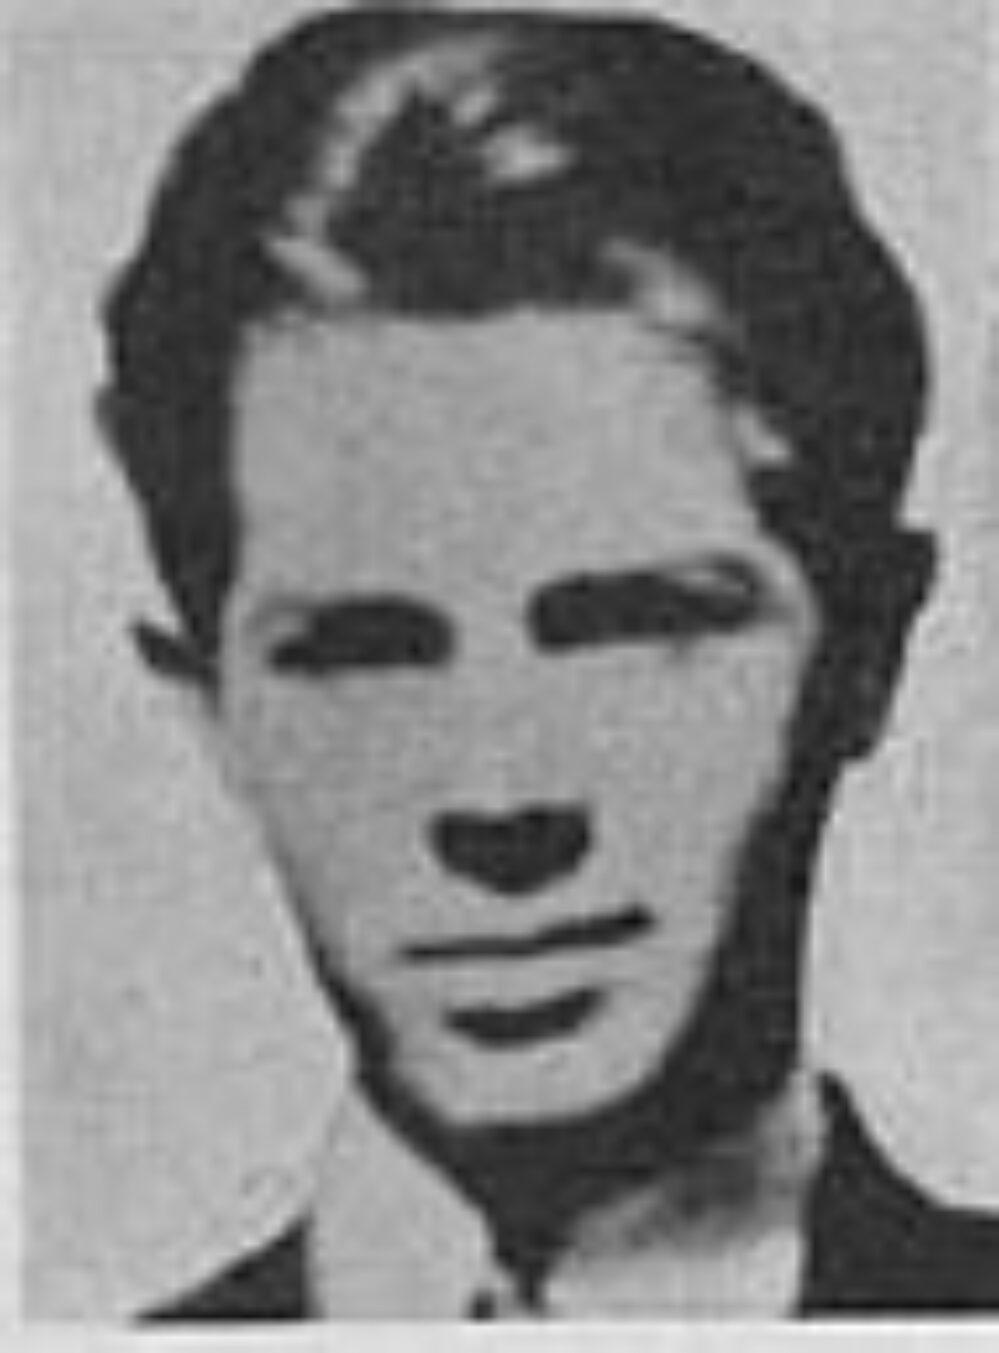 Rolf Tindlund